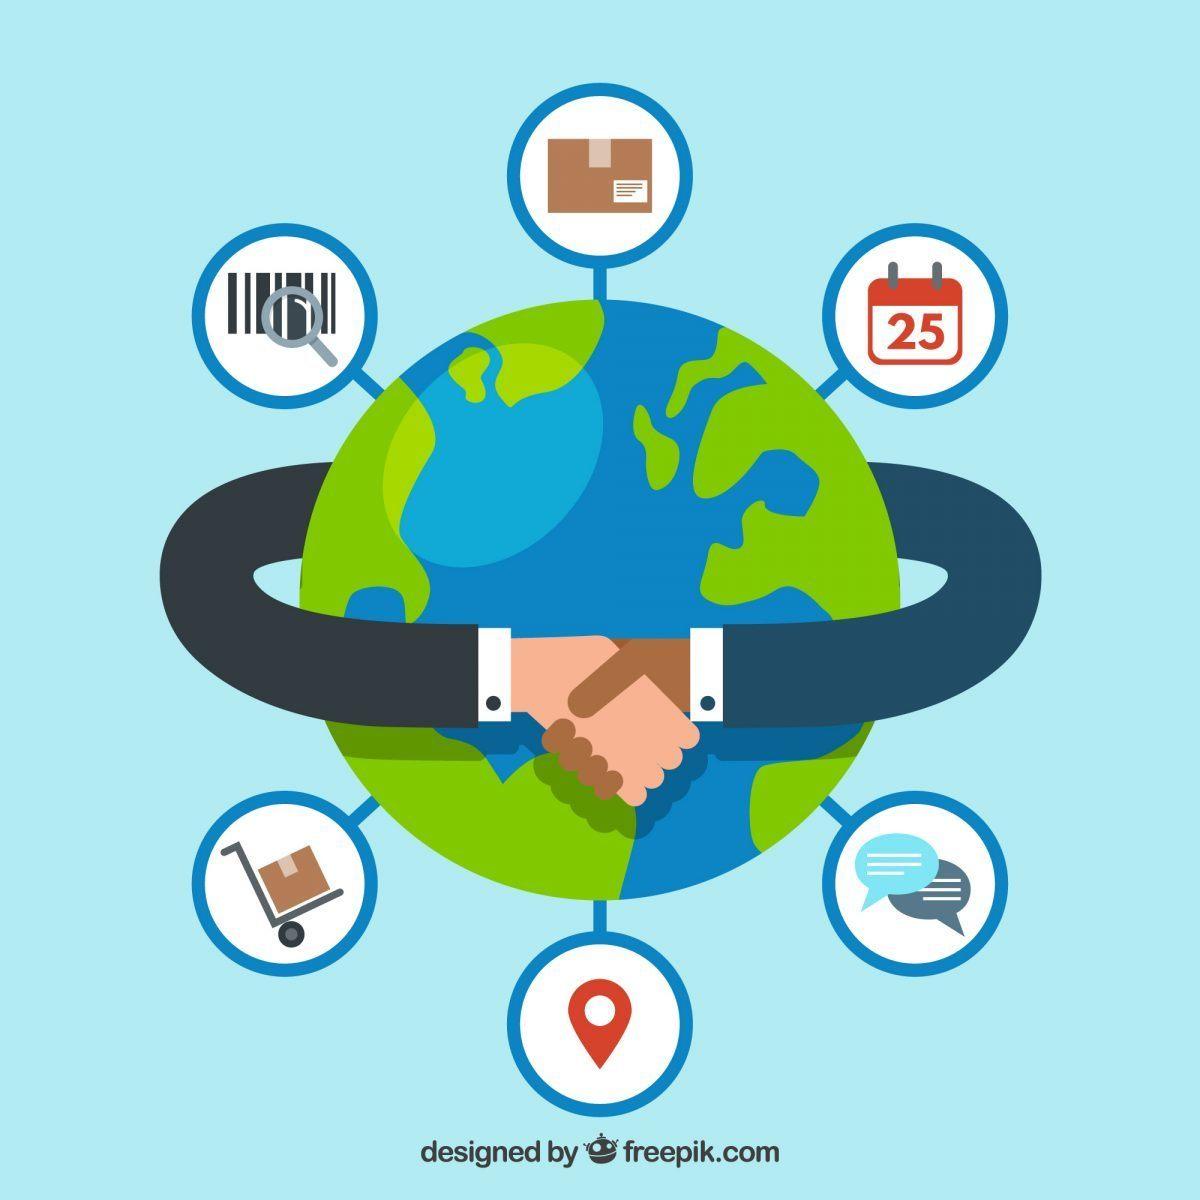 ¿Qué es la excelencia en Supply Chain Management? - 333164 PADOMV 324